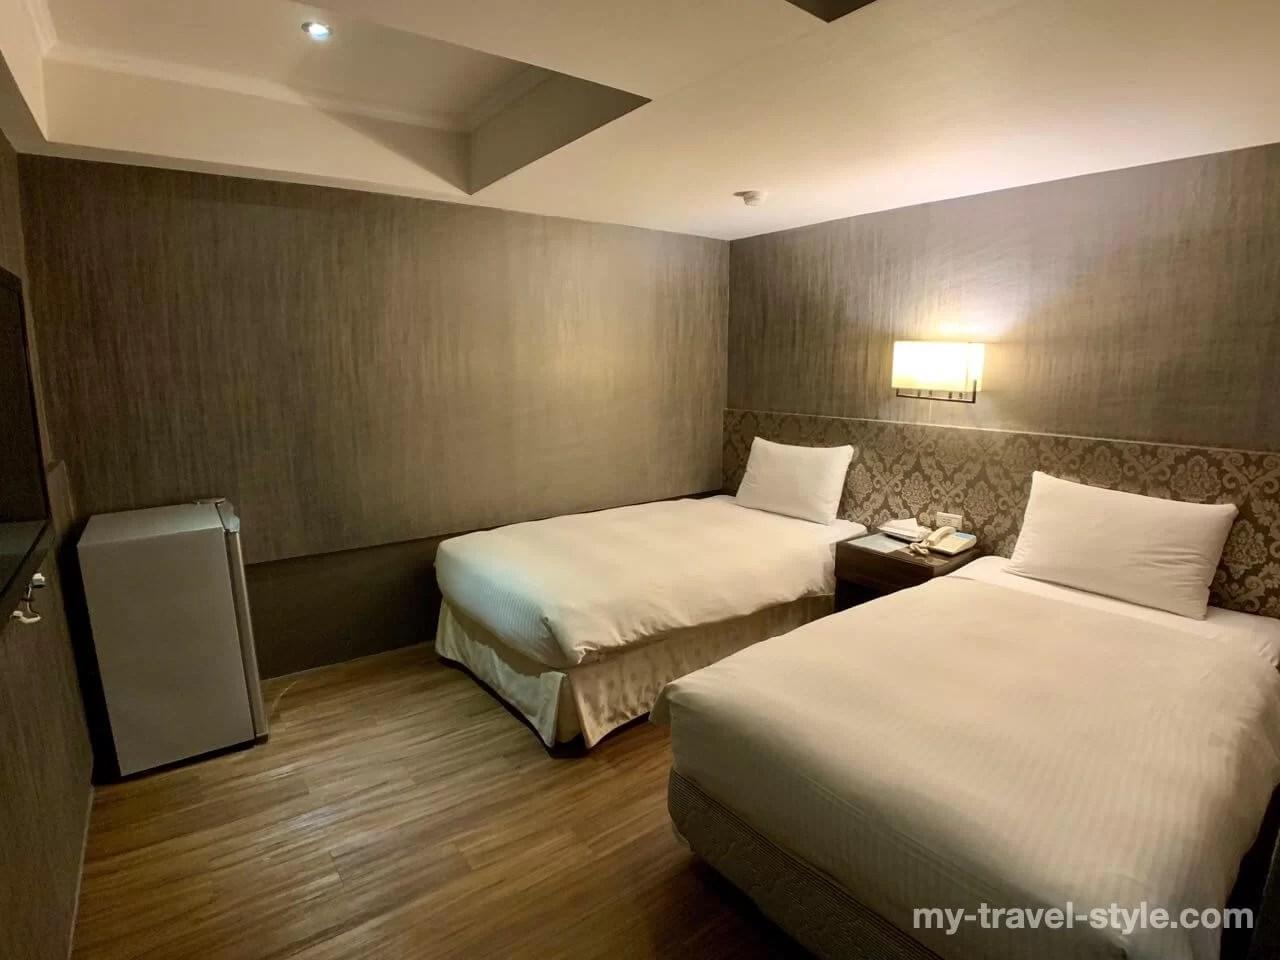 ECFAホテル台南(ECFA Hotel Taina)のベッドルーム